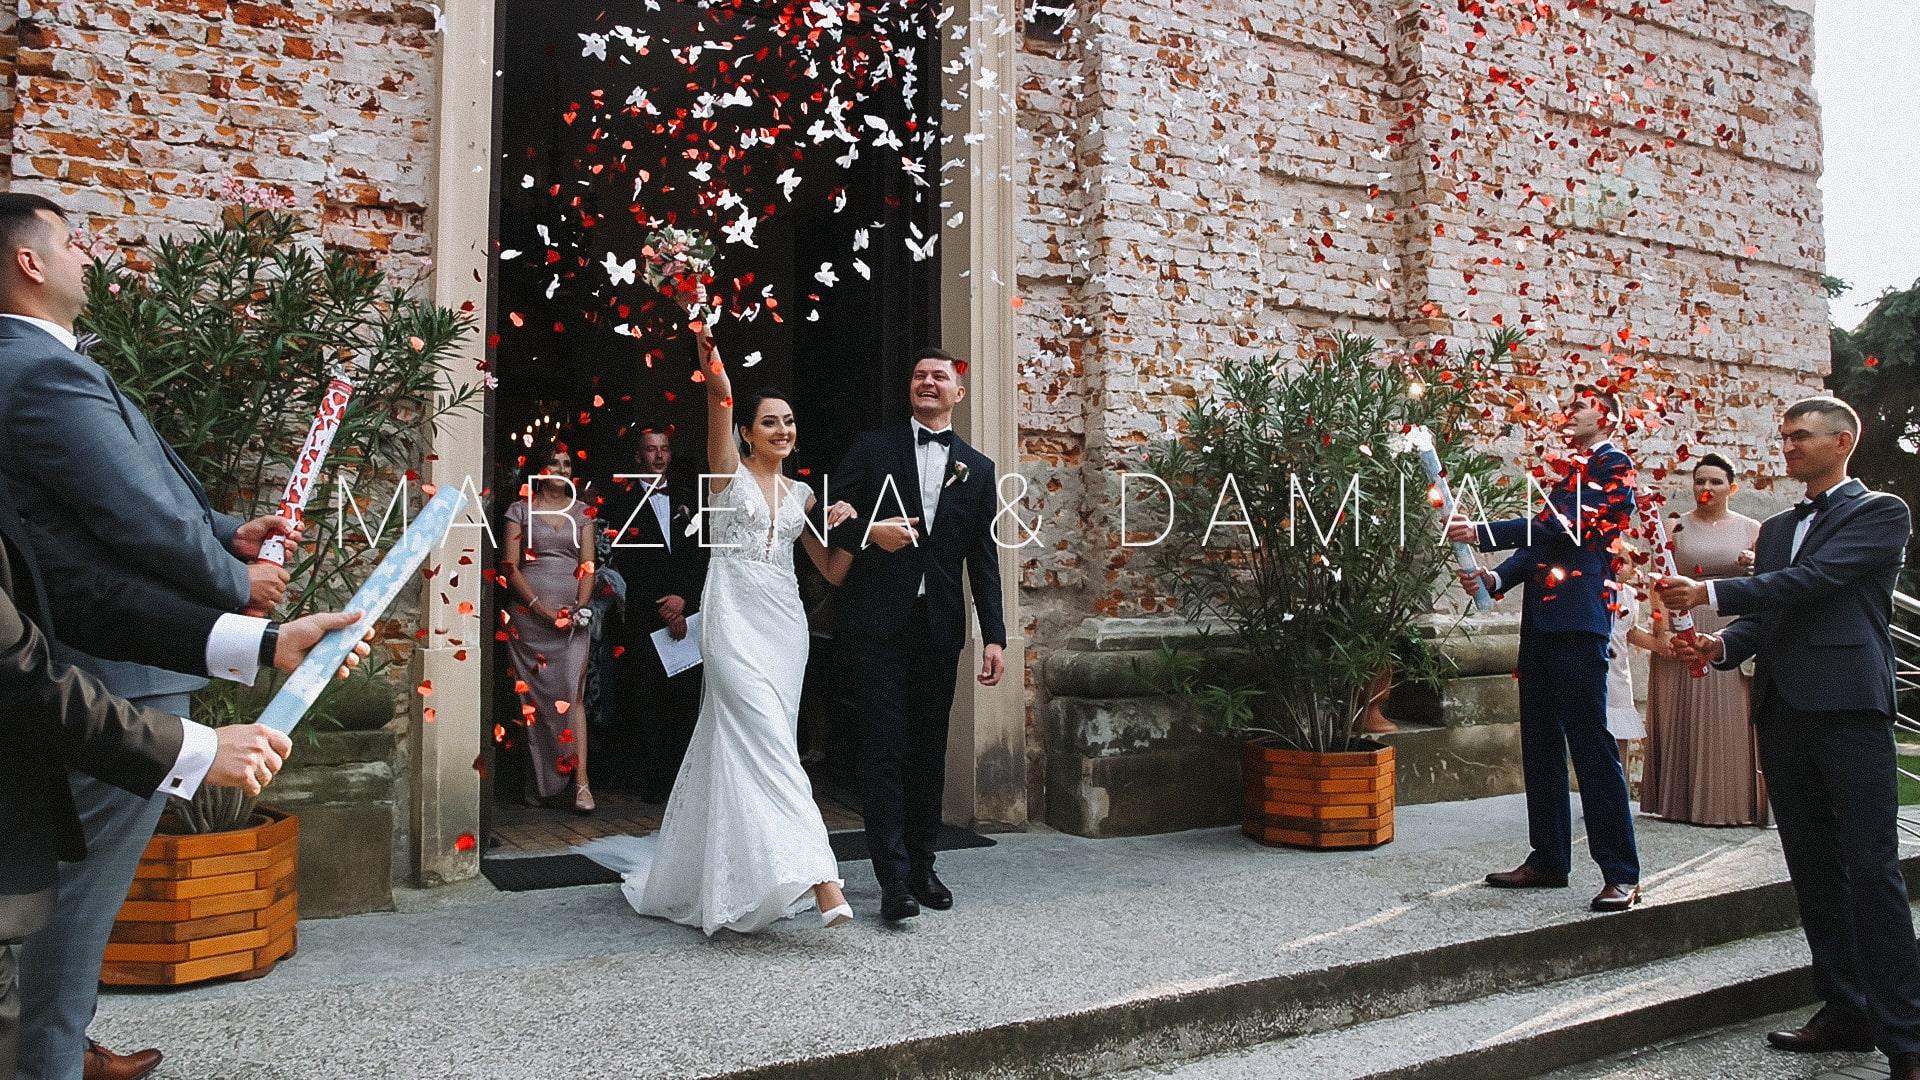 Marzena & Damian